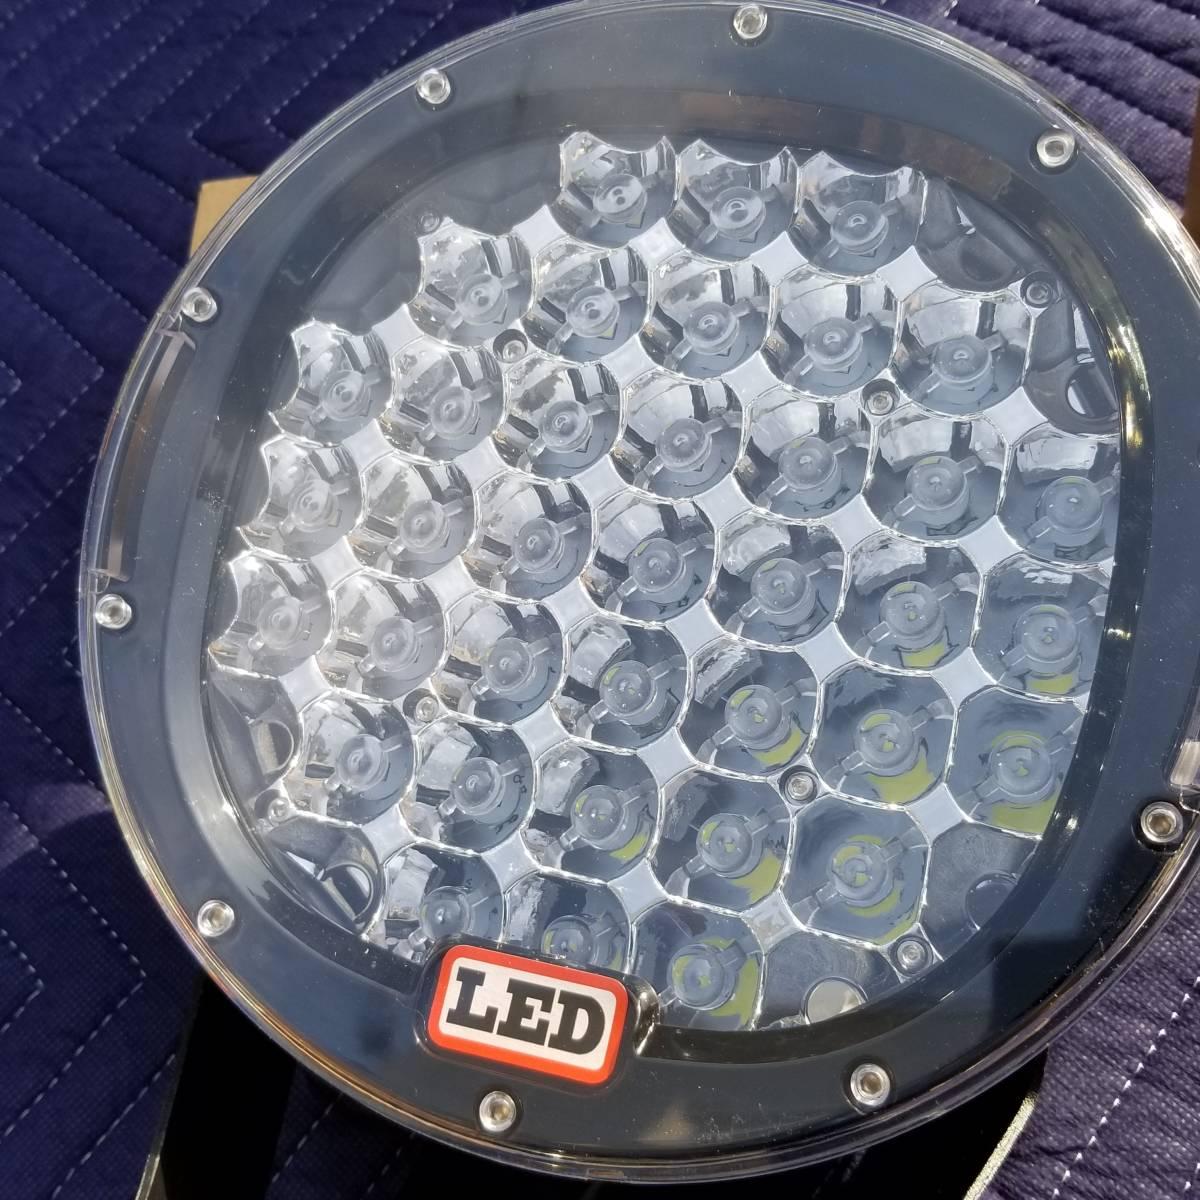 新品LED フォグライト 185w 作業灯 ワークライト 防水 CREE 2個 サーチライト ライトバー 丸型スポットビームARB プラド キャリア_画像8